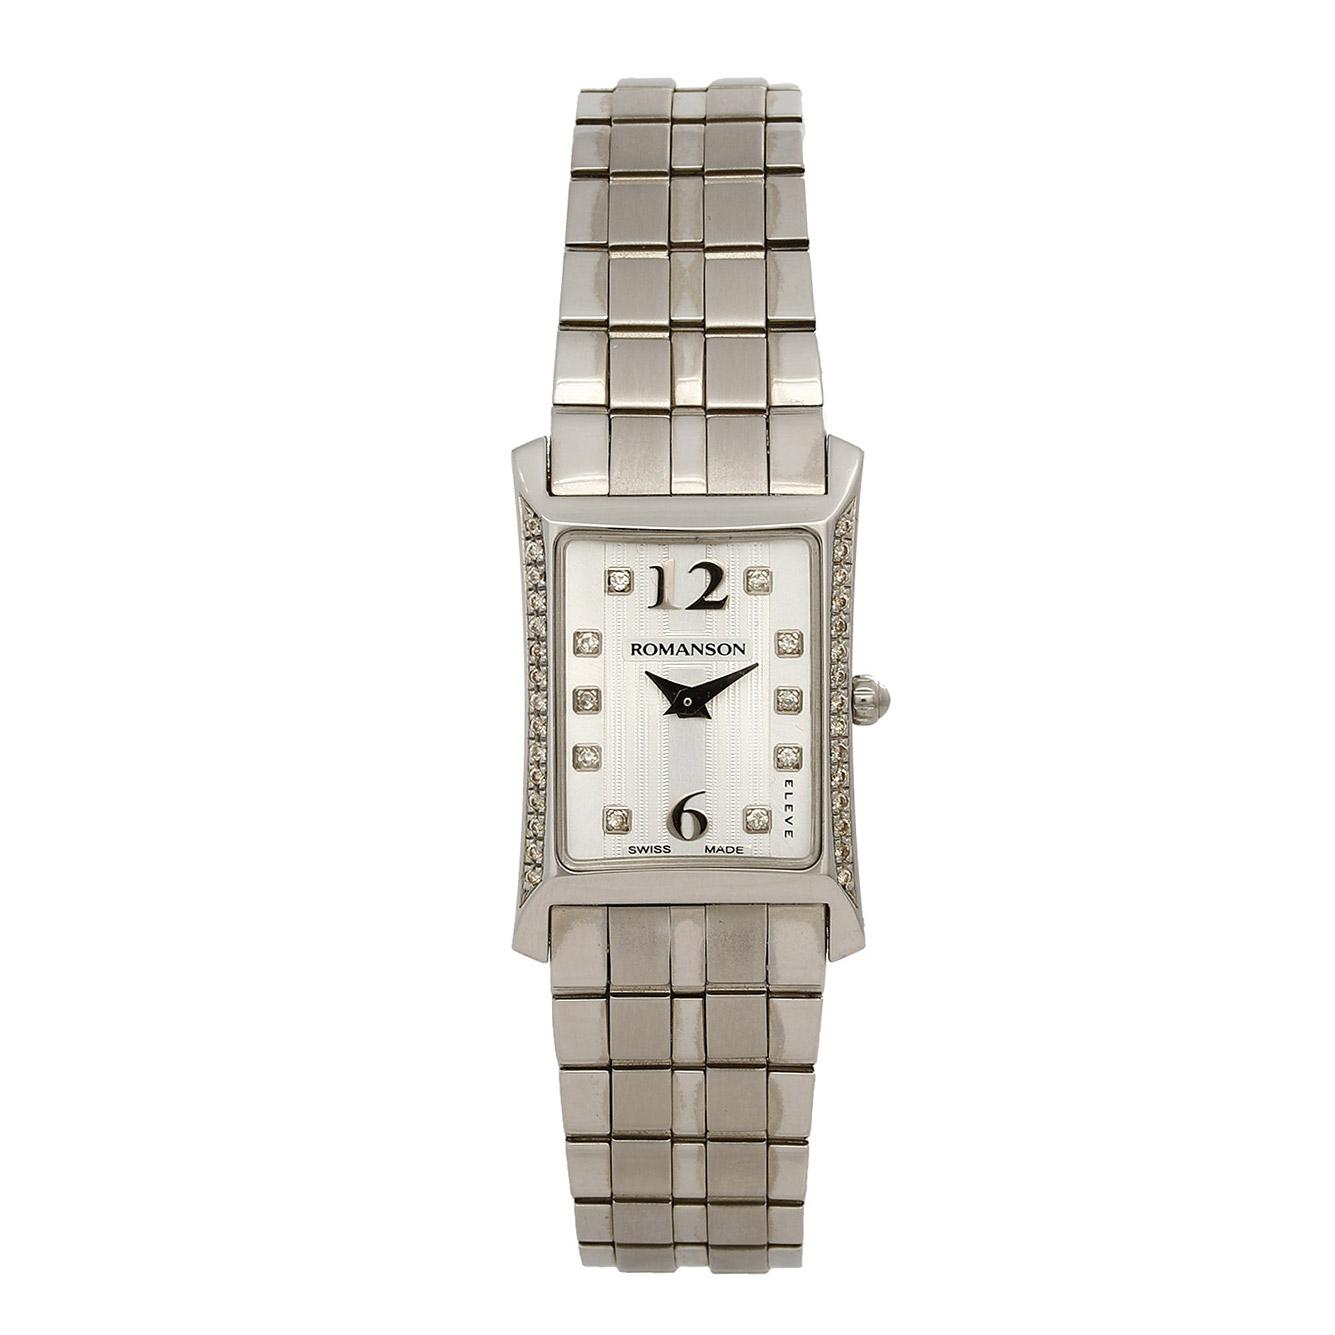 ساعت مچی عقربه ای زنانه رومانسون مدل EM5164KL1WAS2W 43